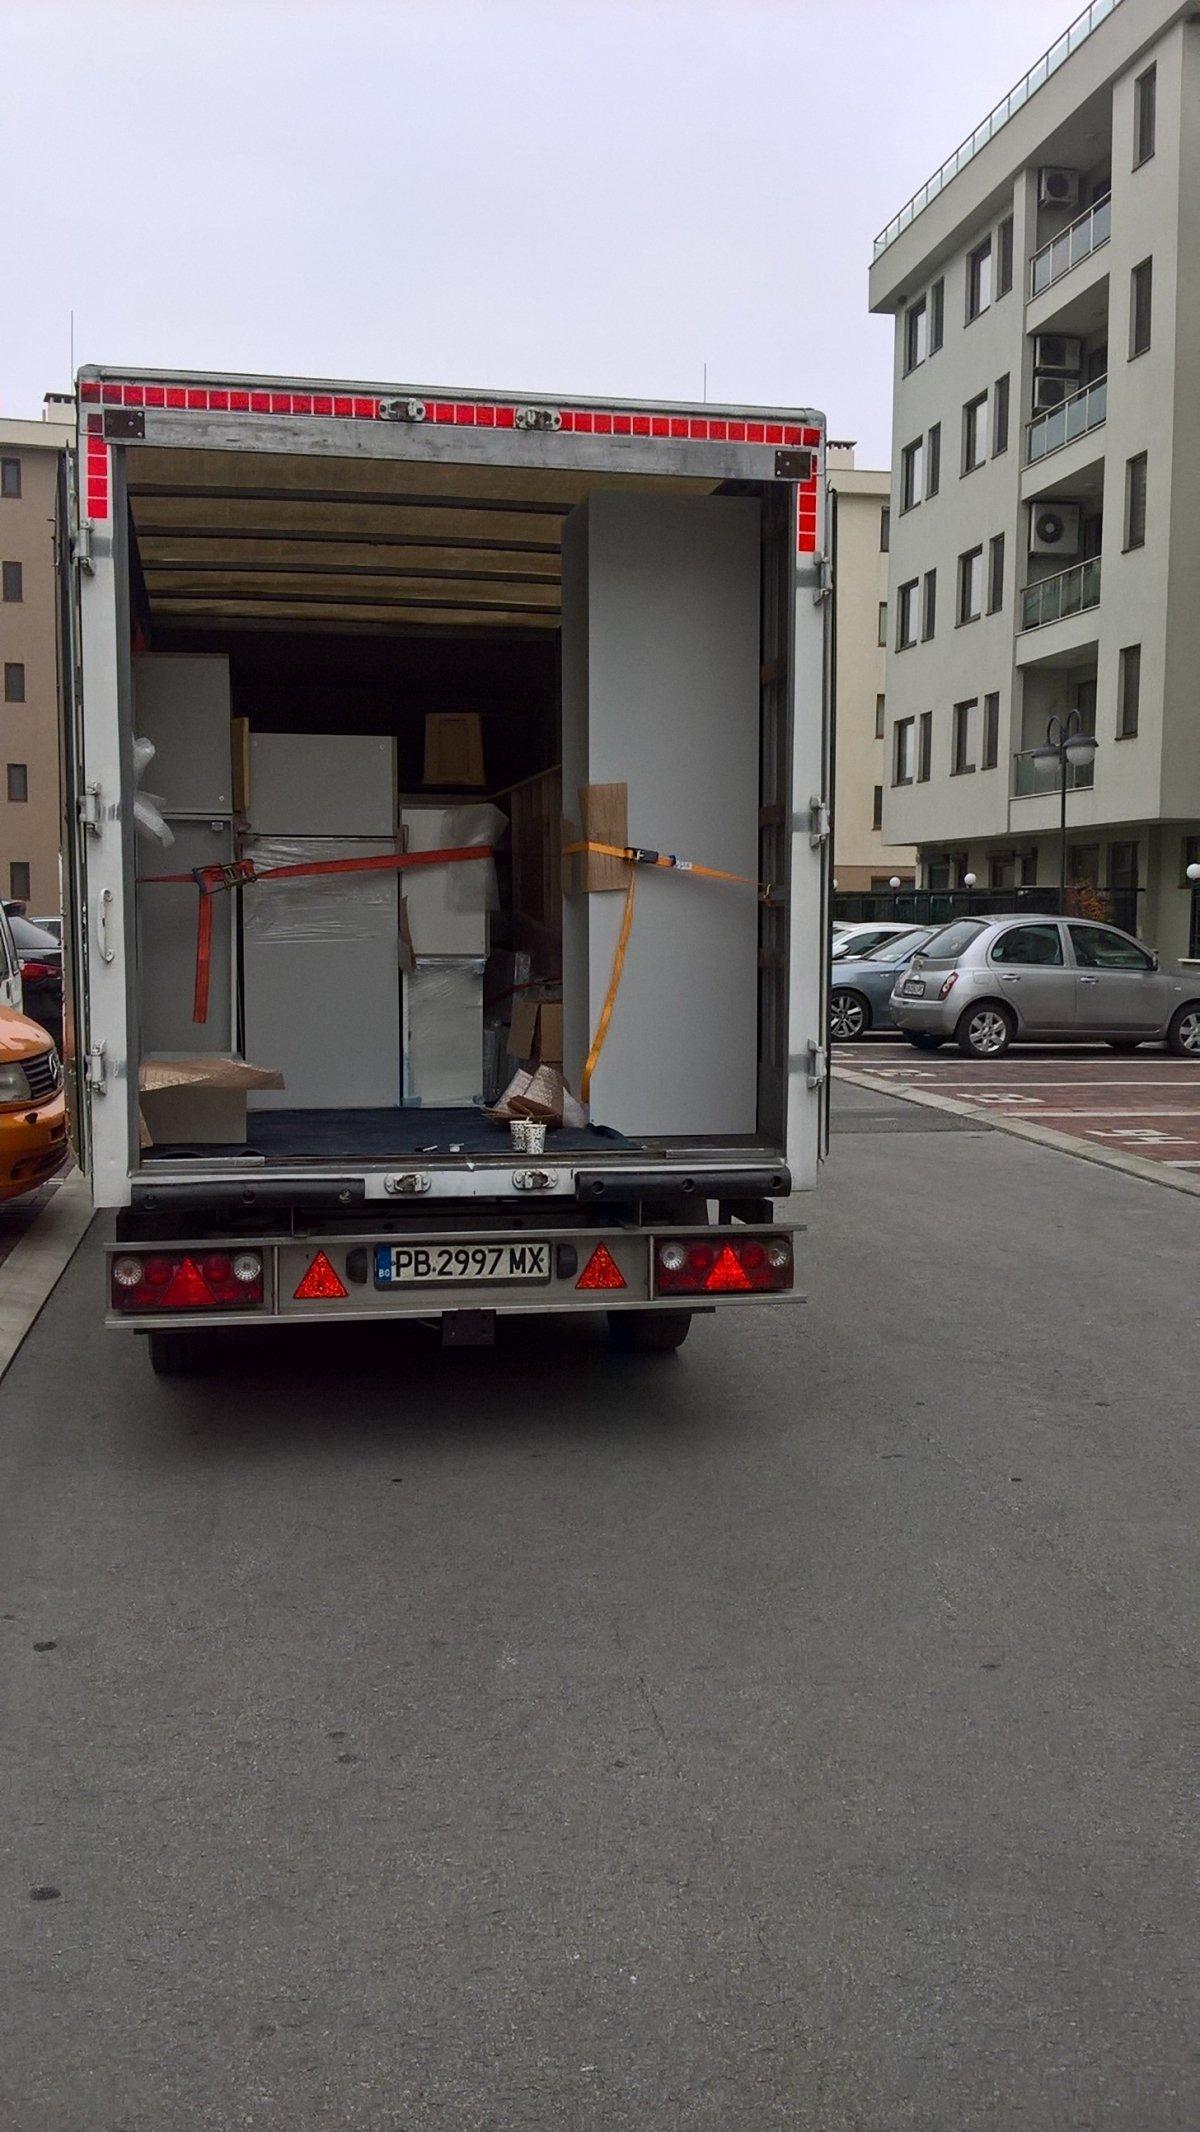 бус-такси.alle.bg